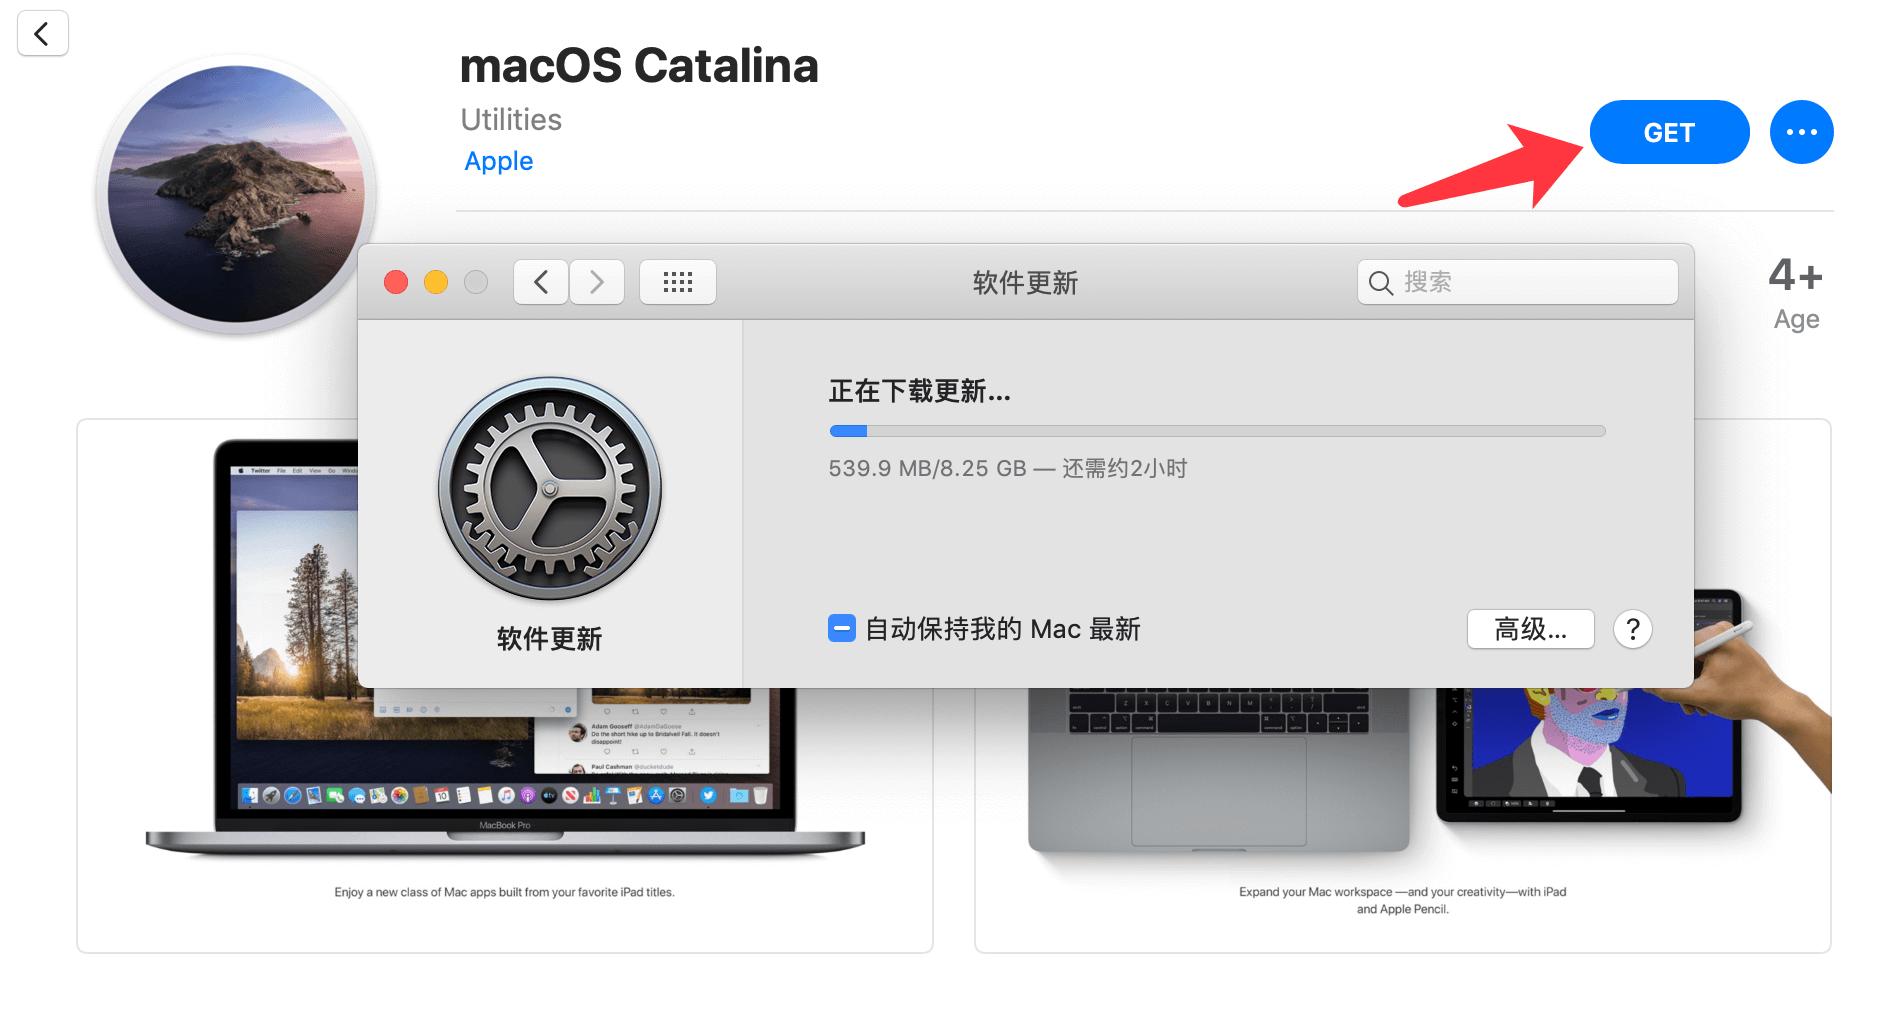 《怎样将 Mac 系统升级到指定版本》